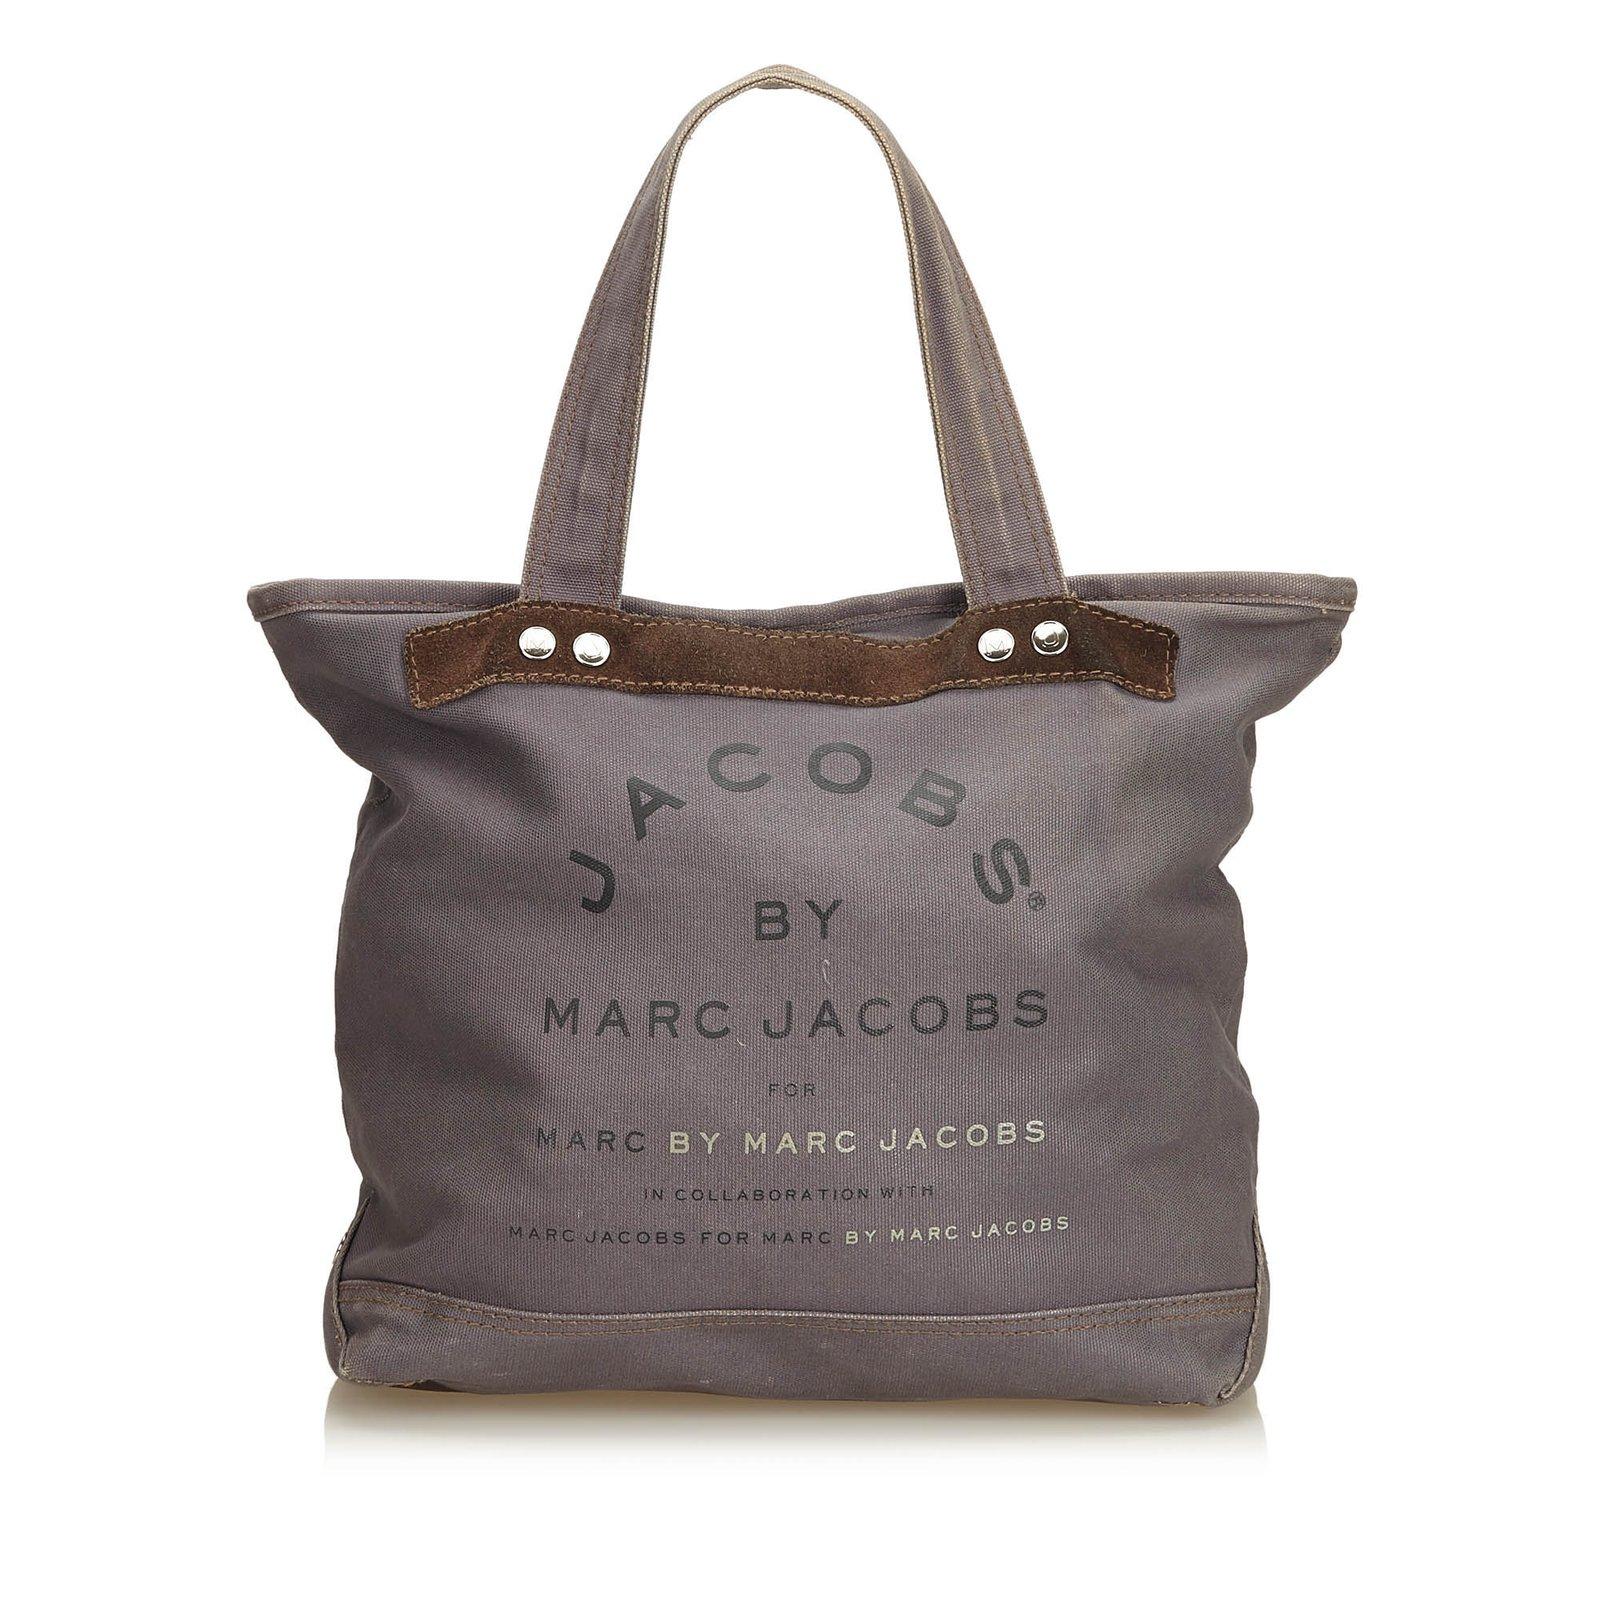 b65add6287c7 Marc Jacobs Printed Canvas Tote Handbags Cloth